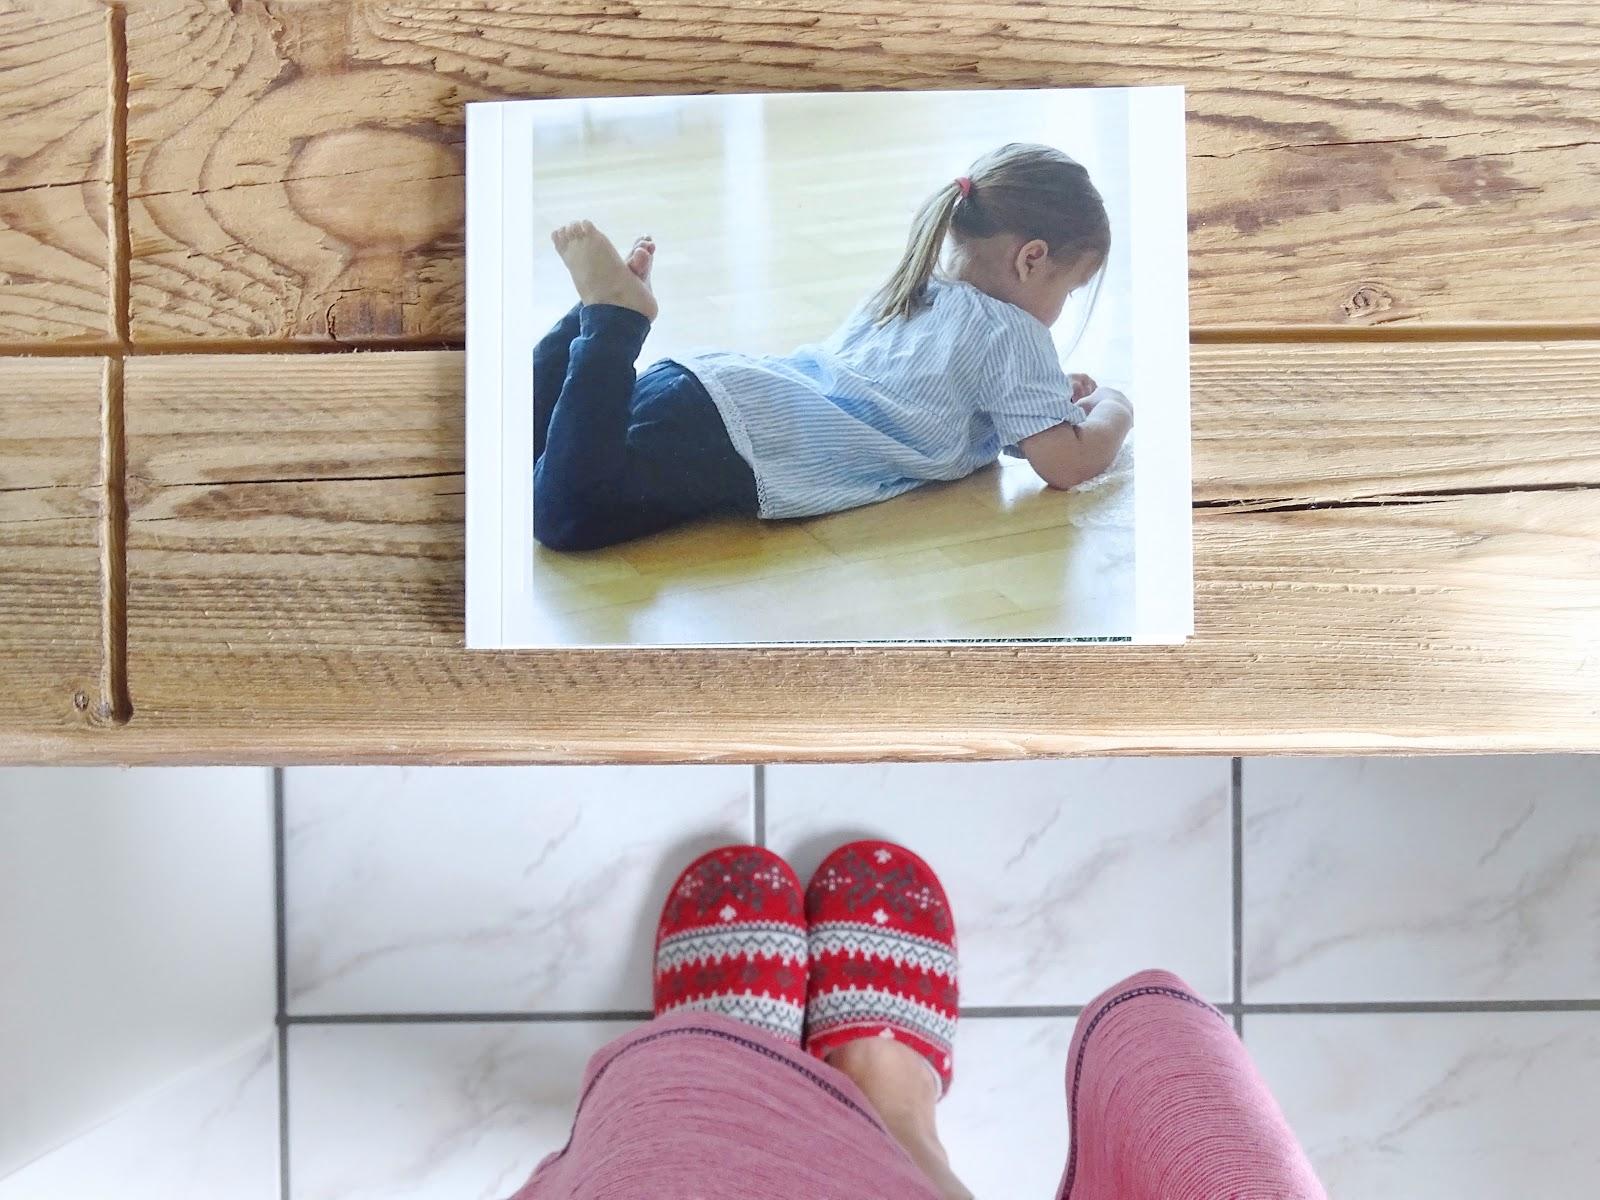 Altholzregal - Fotoaktion #12von12 - http://mammilade.blogspot.de